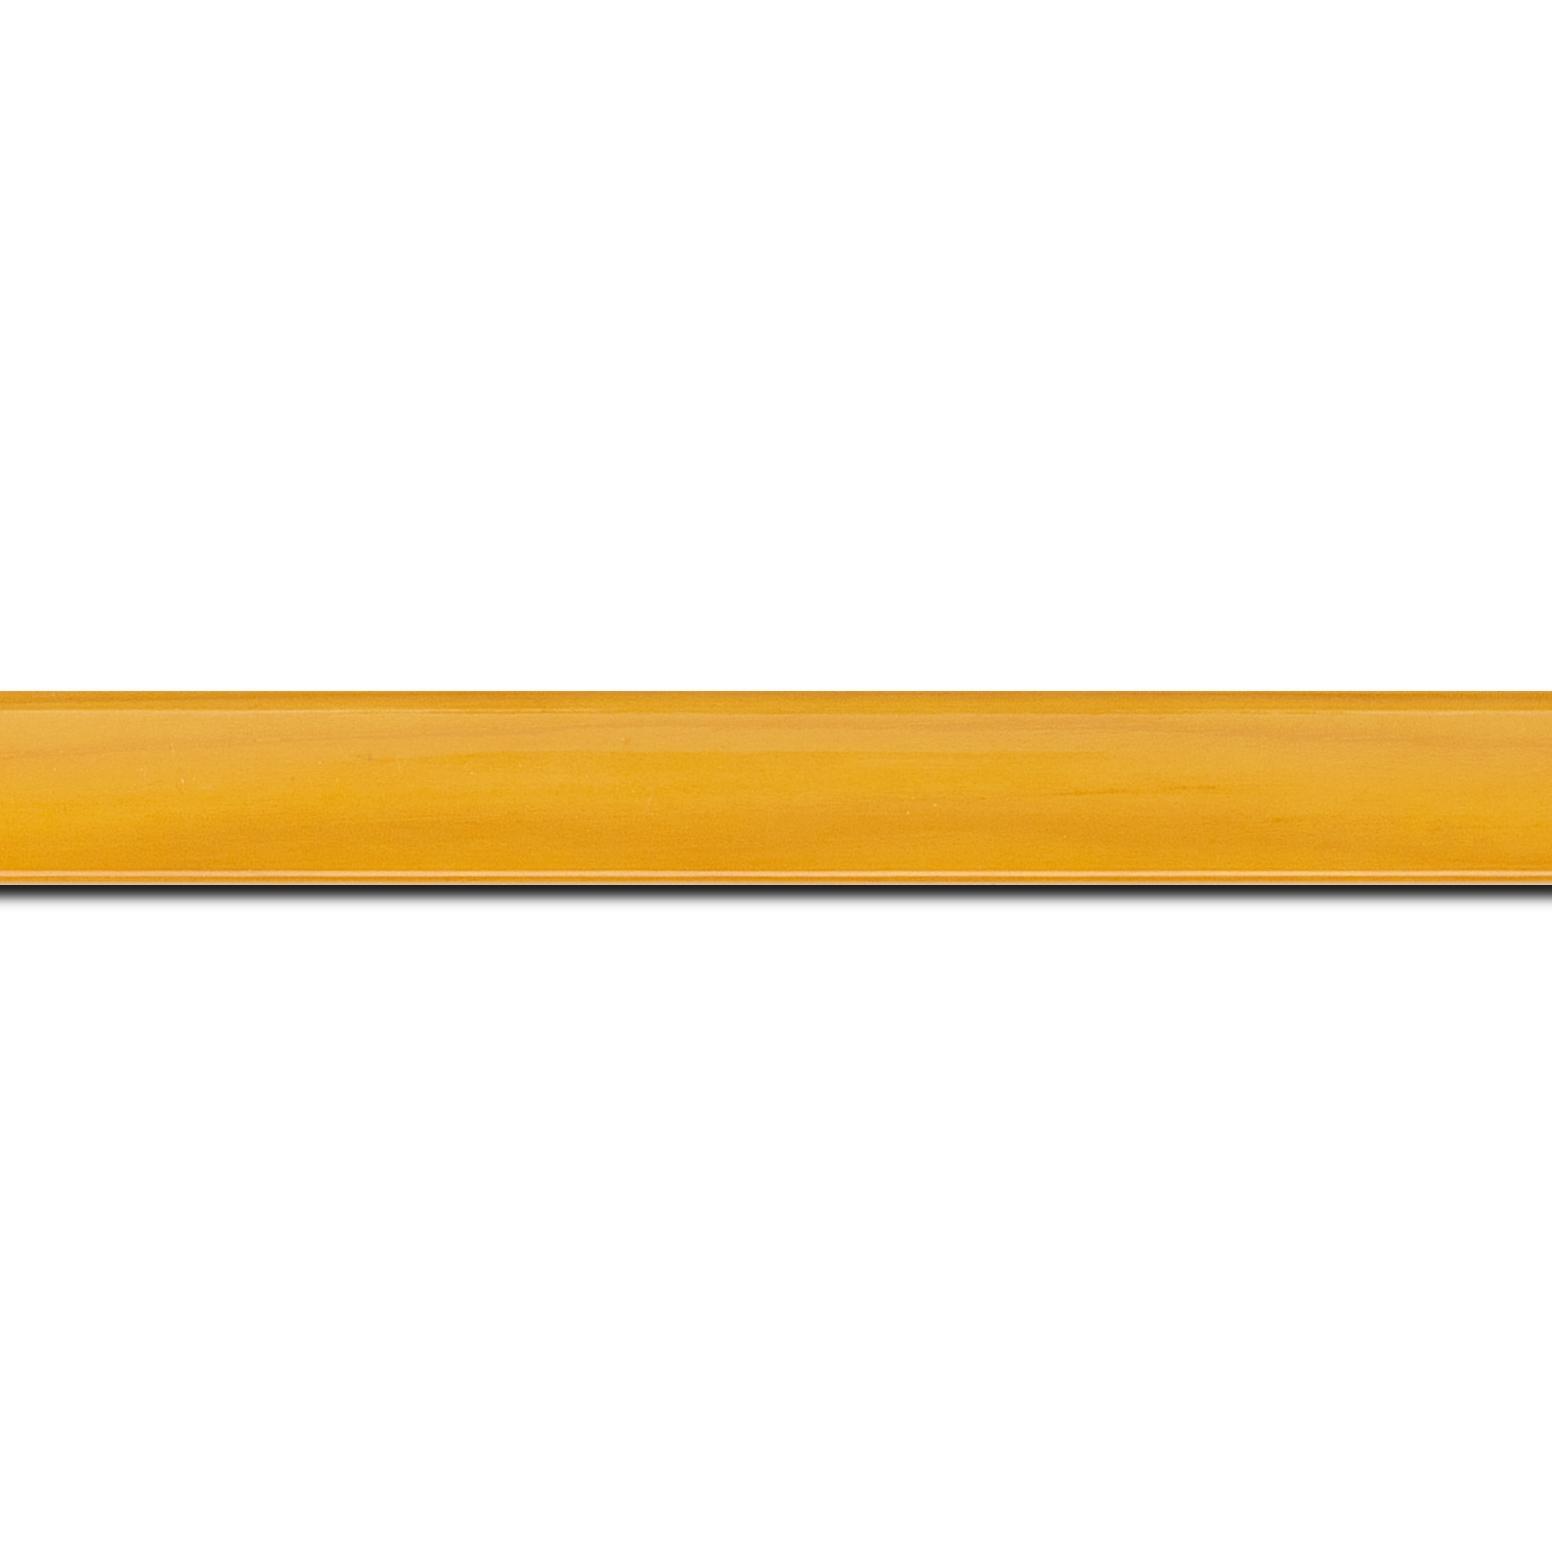 Baguette longueur 1.40m bois profil arrondi plongeant largeur 2cm couleur jaune vernis sur pin (veine du bois apparent)